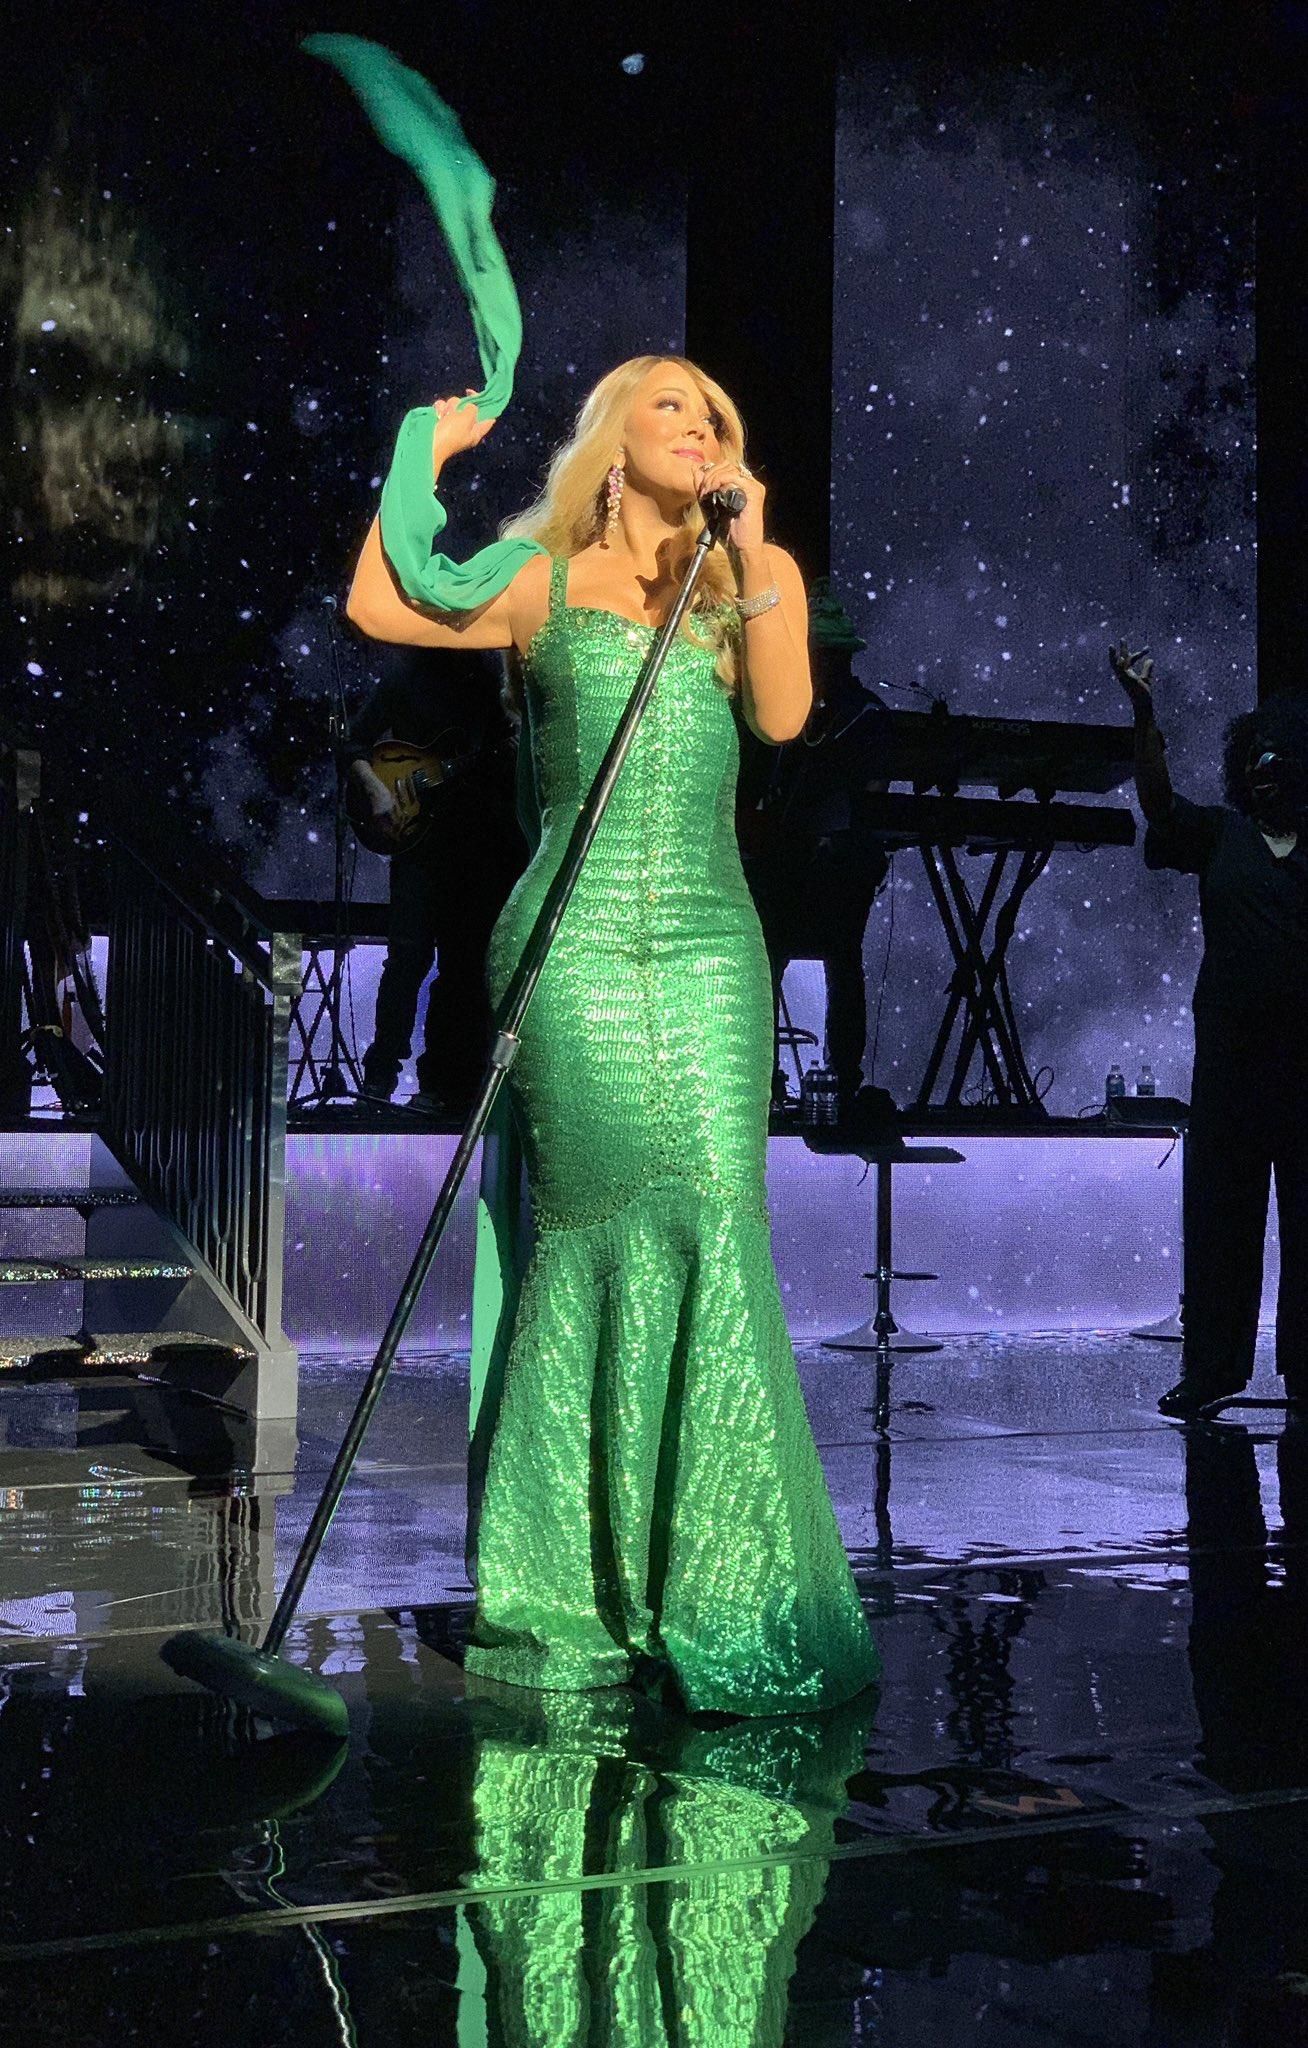 Mariah Carey @ MariahCarey